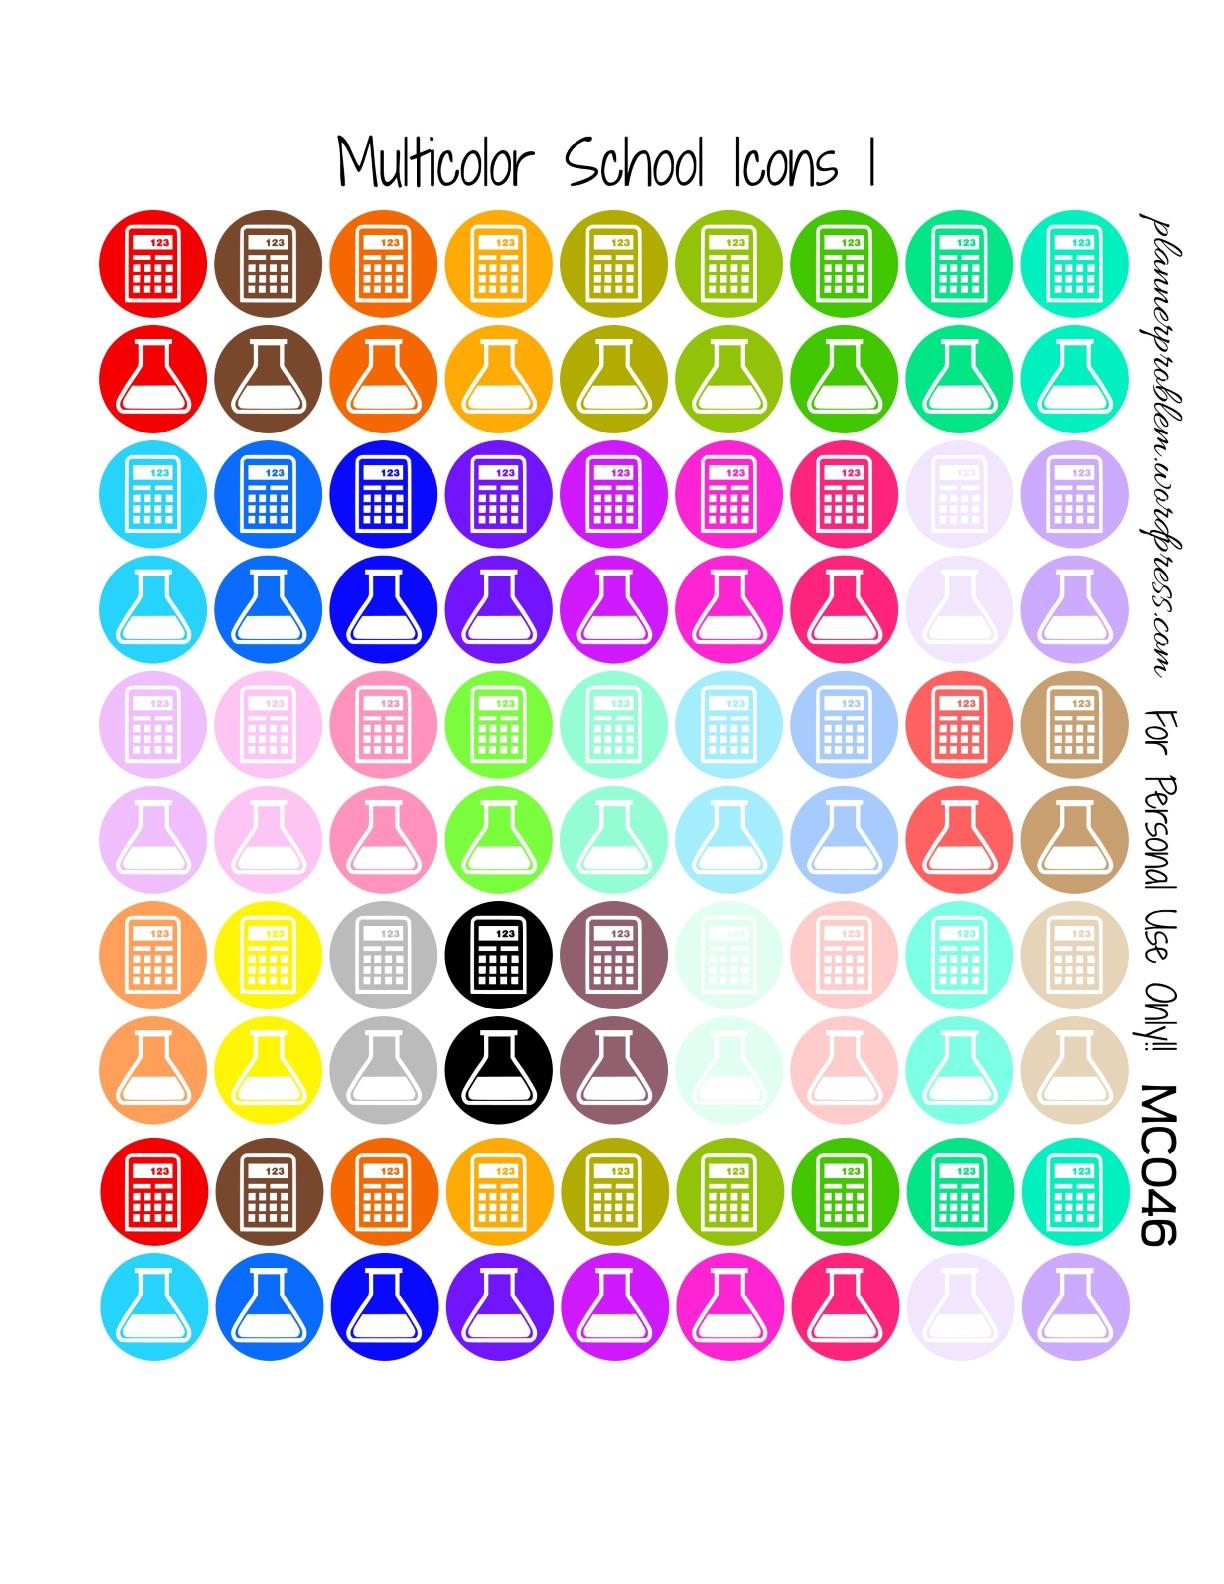 Multicolor School Icons & School Deco! | Free Printable ...